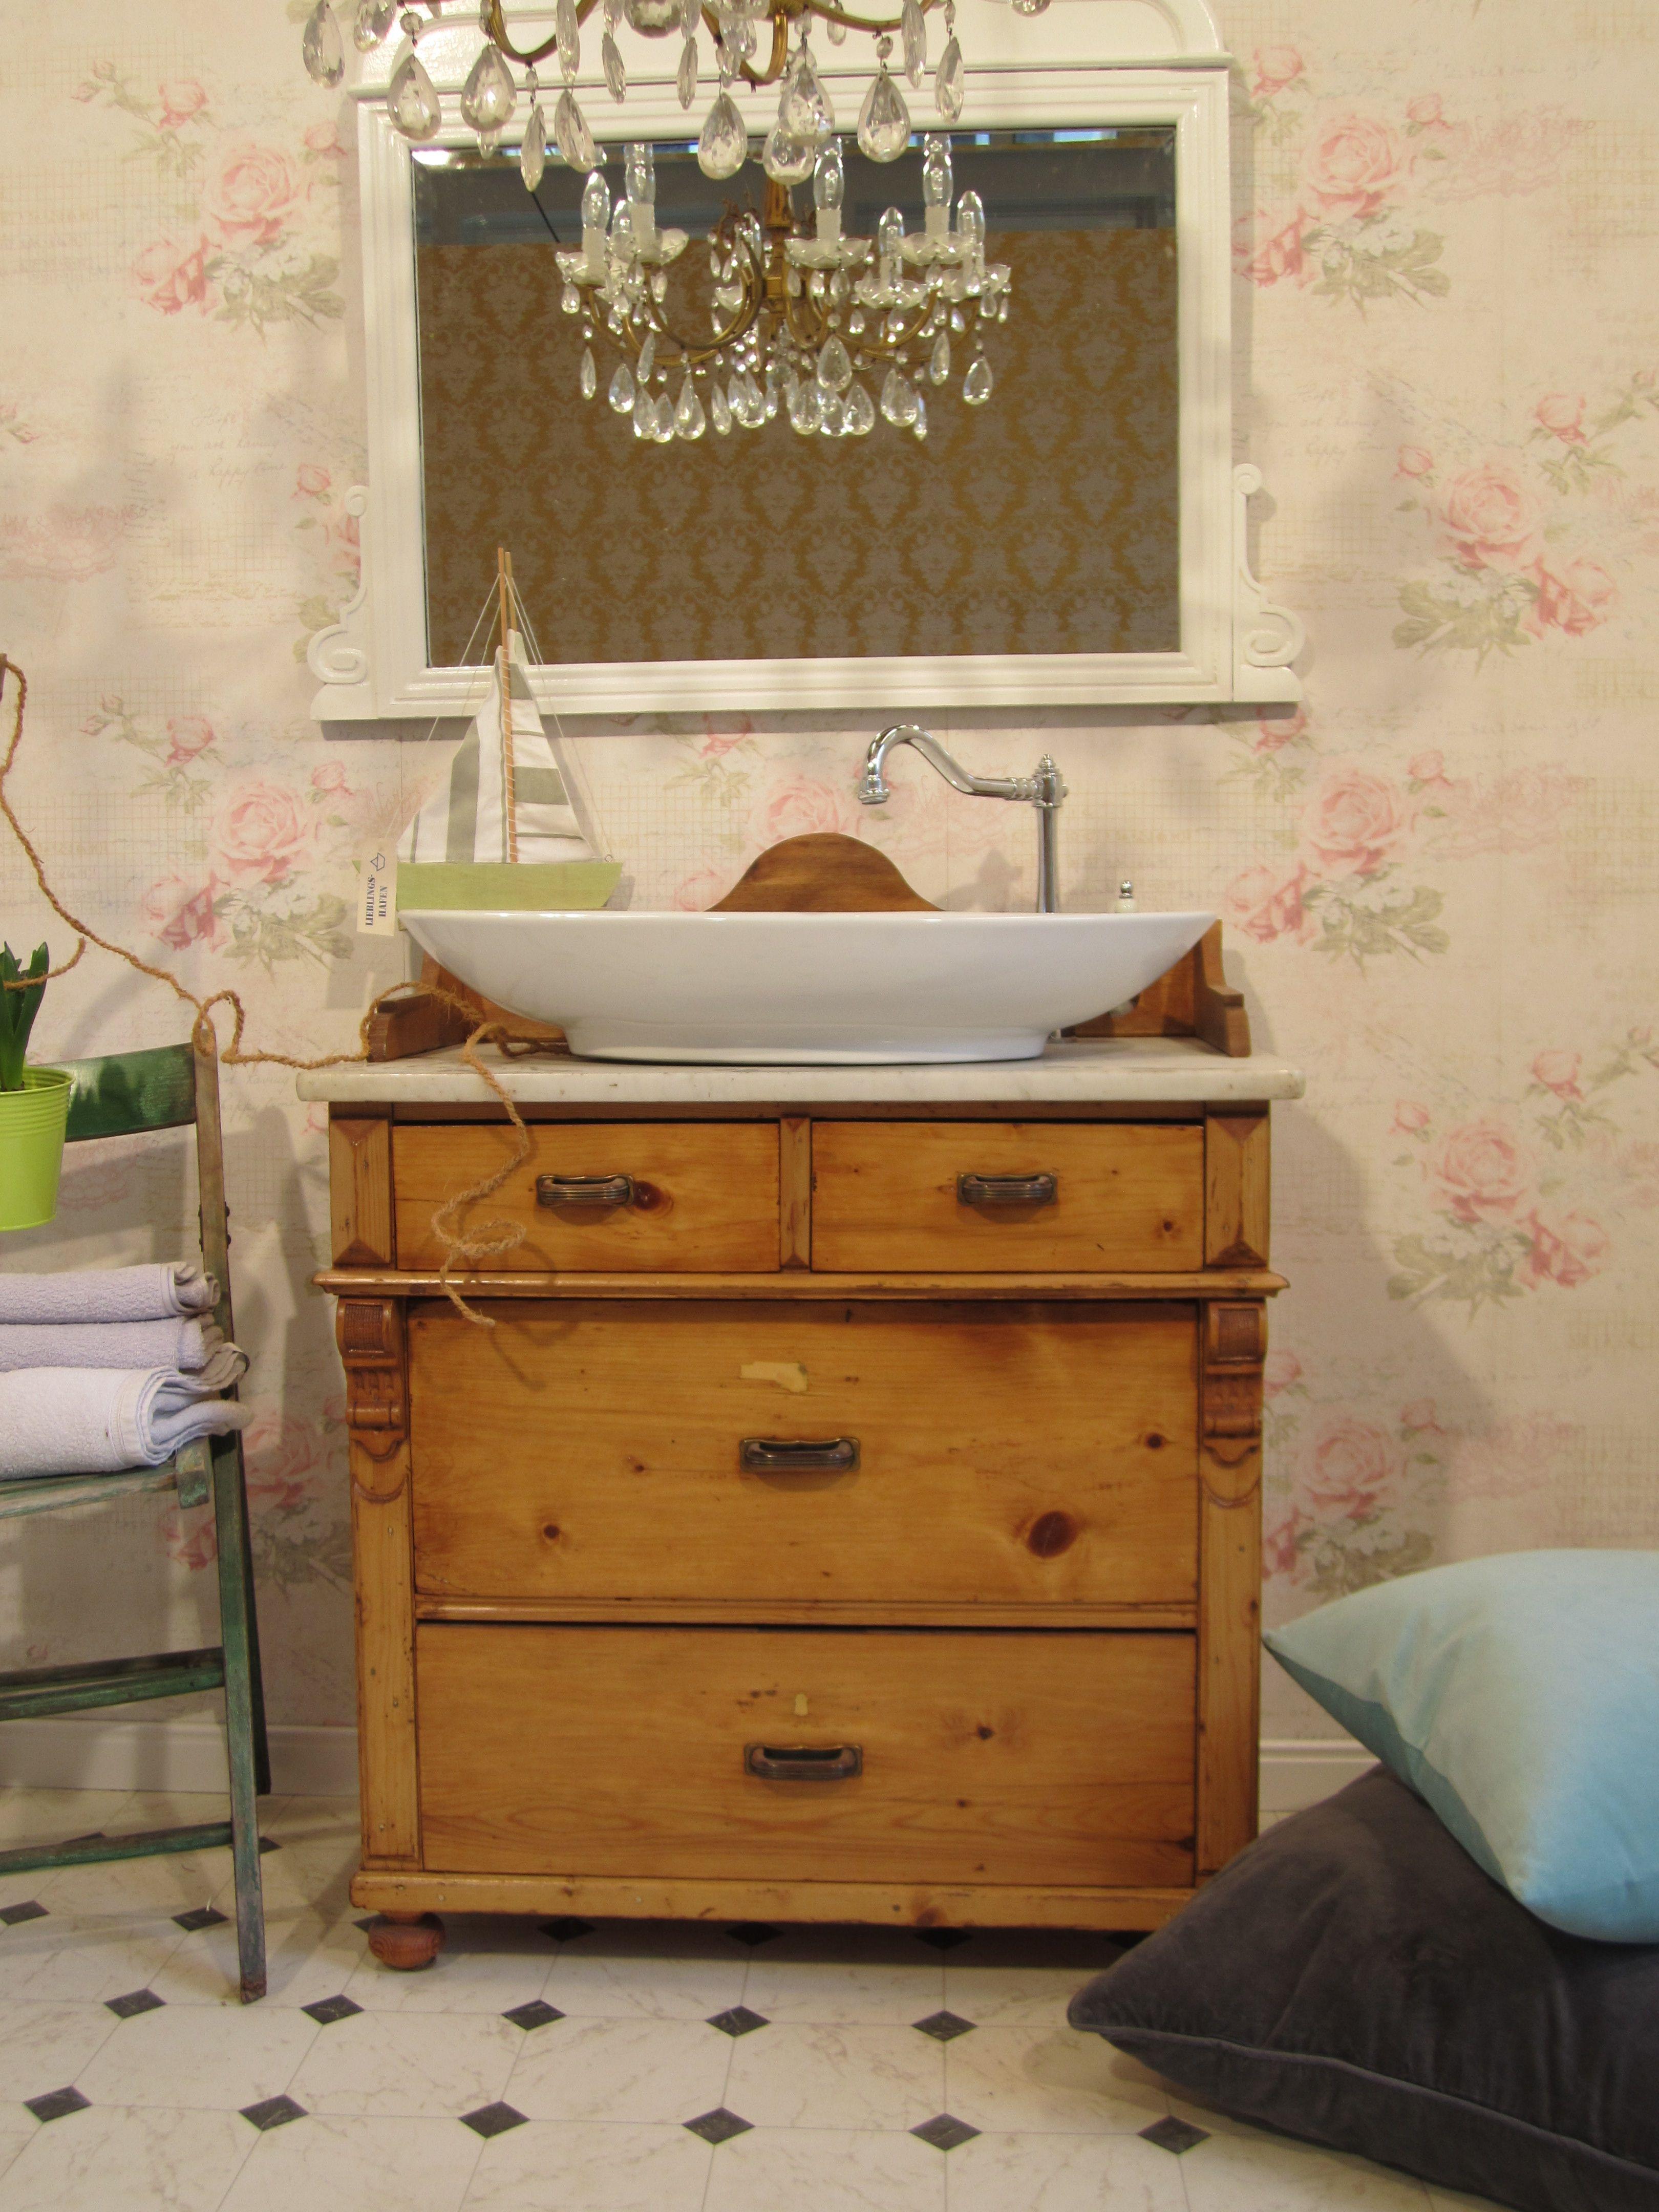 Badmobel Landhaus Laufen Sie Mit Diesem Waschtisch Im Landhausstil In Ihren Personlichen Heimathafen Ein Das Waschtisch Landhaus Waschtisch Waschtisch Holz